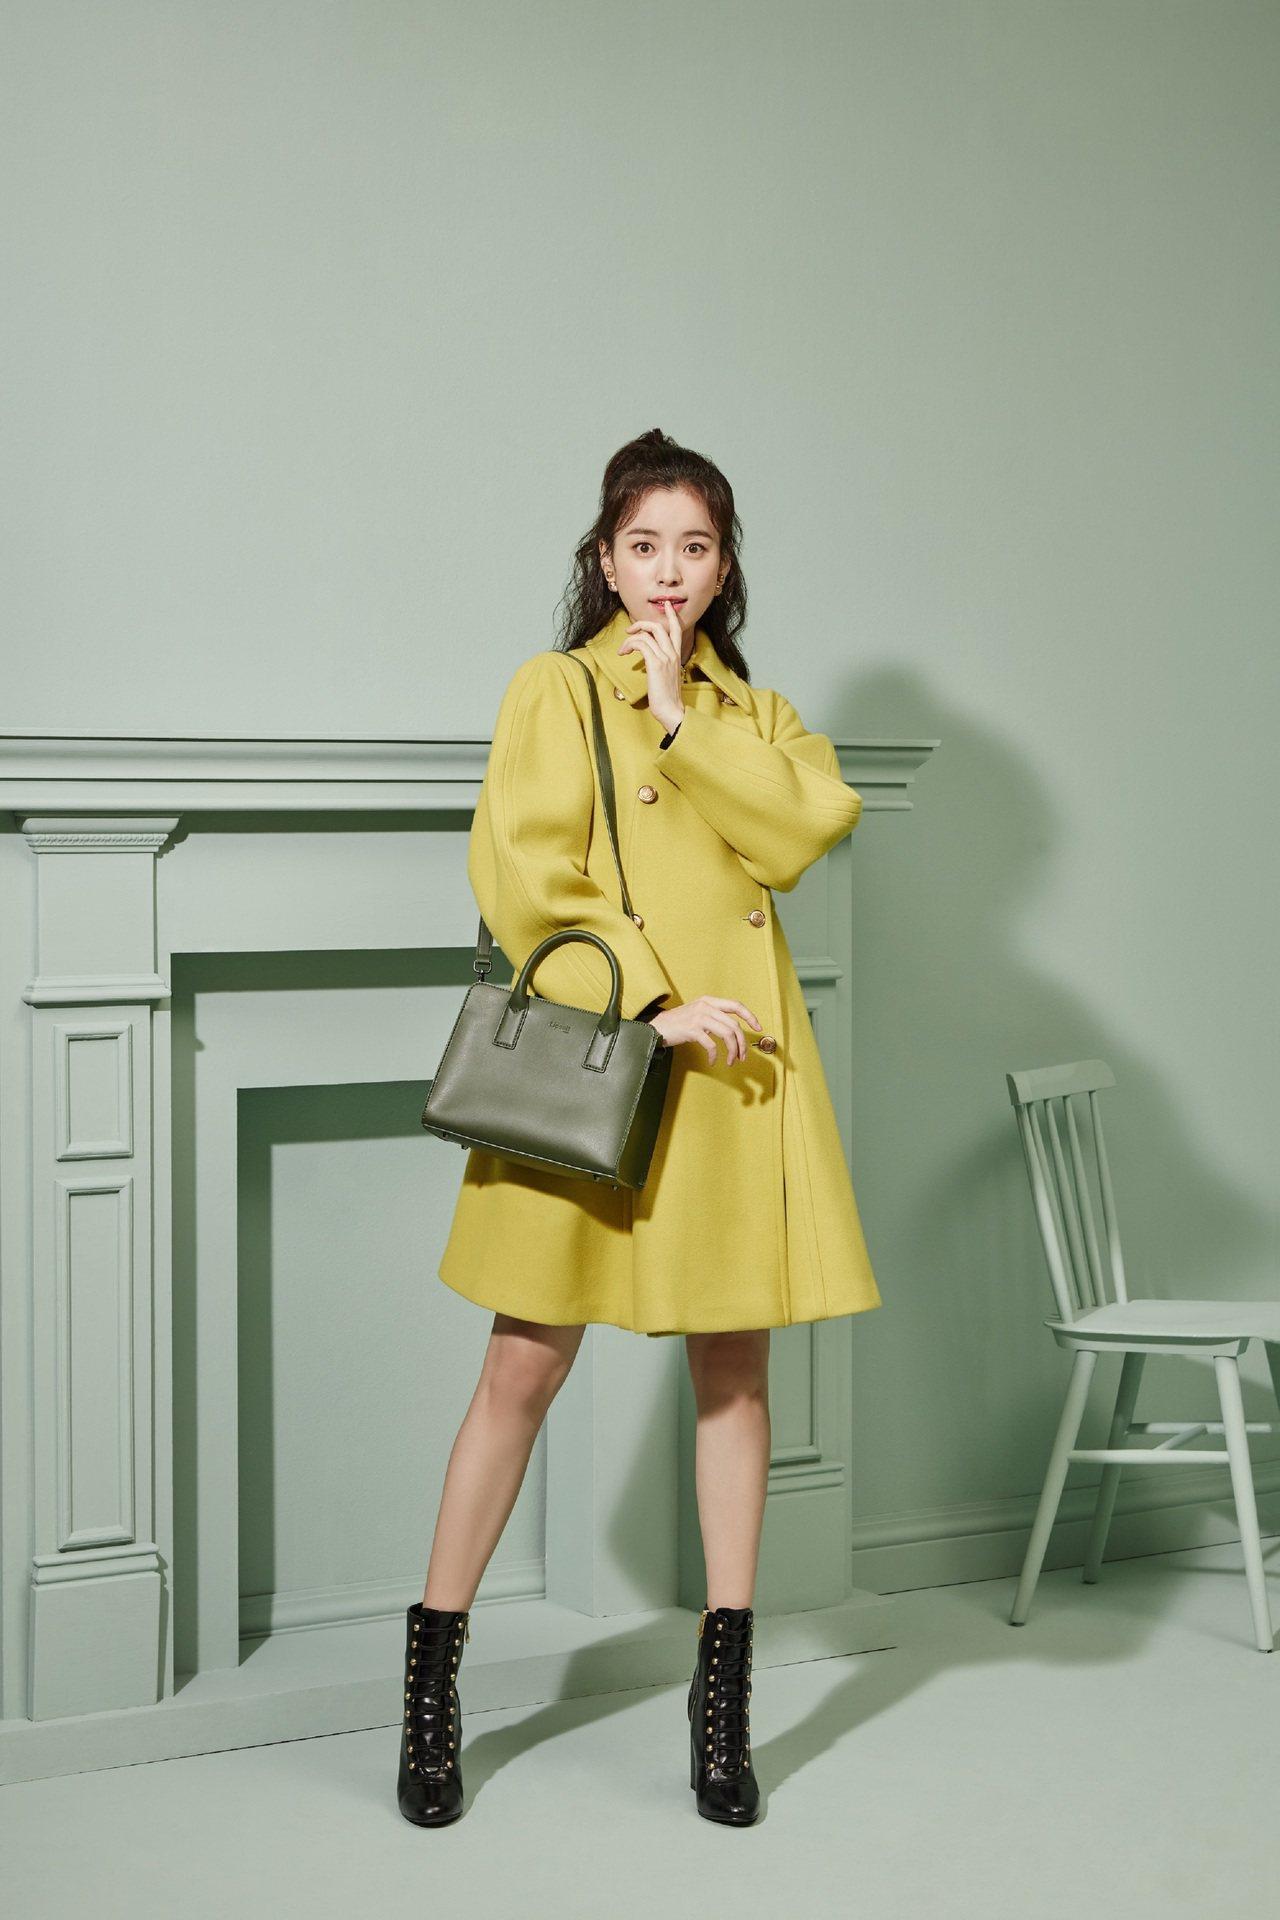 Lipault新推出「亞洲限定系列」,找來韓國女星韓孝周示範一系列穿搭照。方型手...